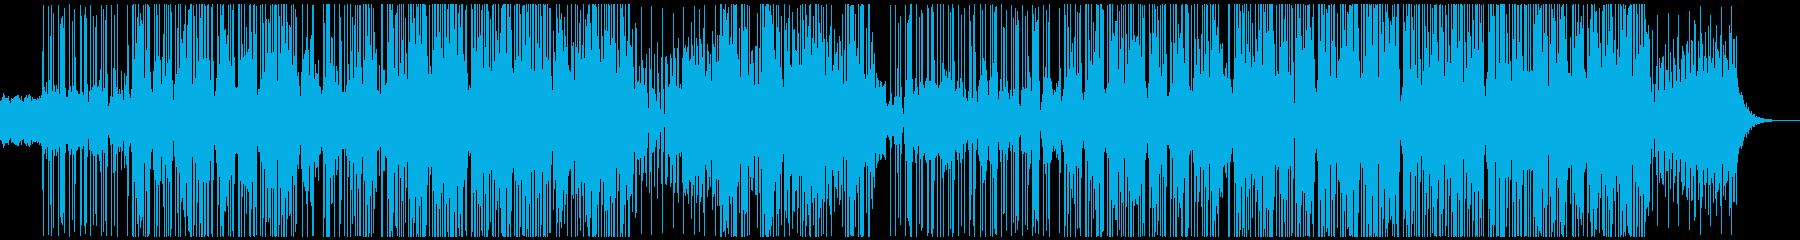 イージーリスニングなダブステップの再生済みの波形